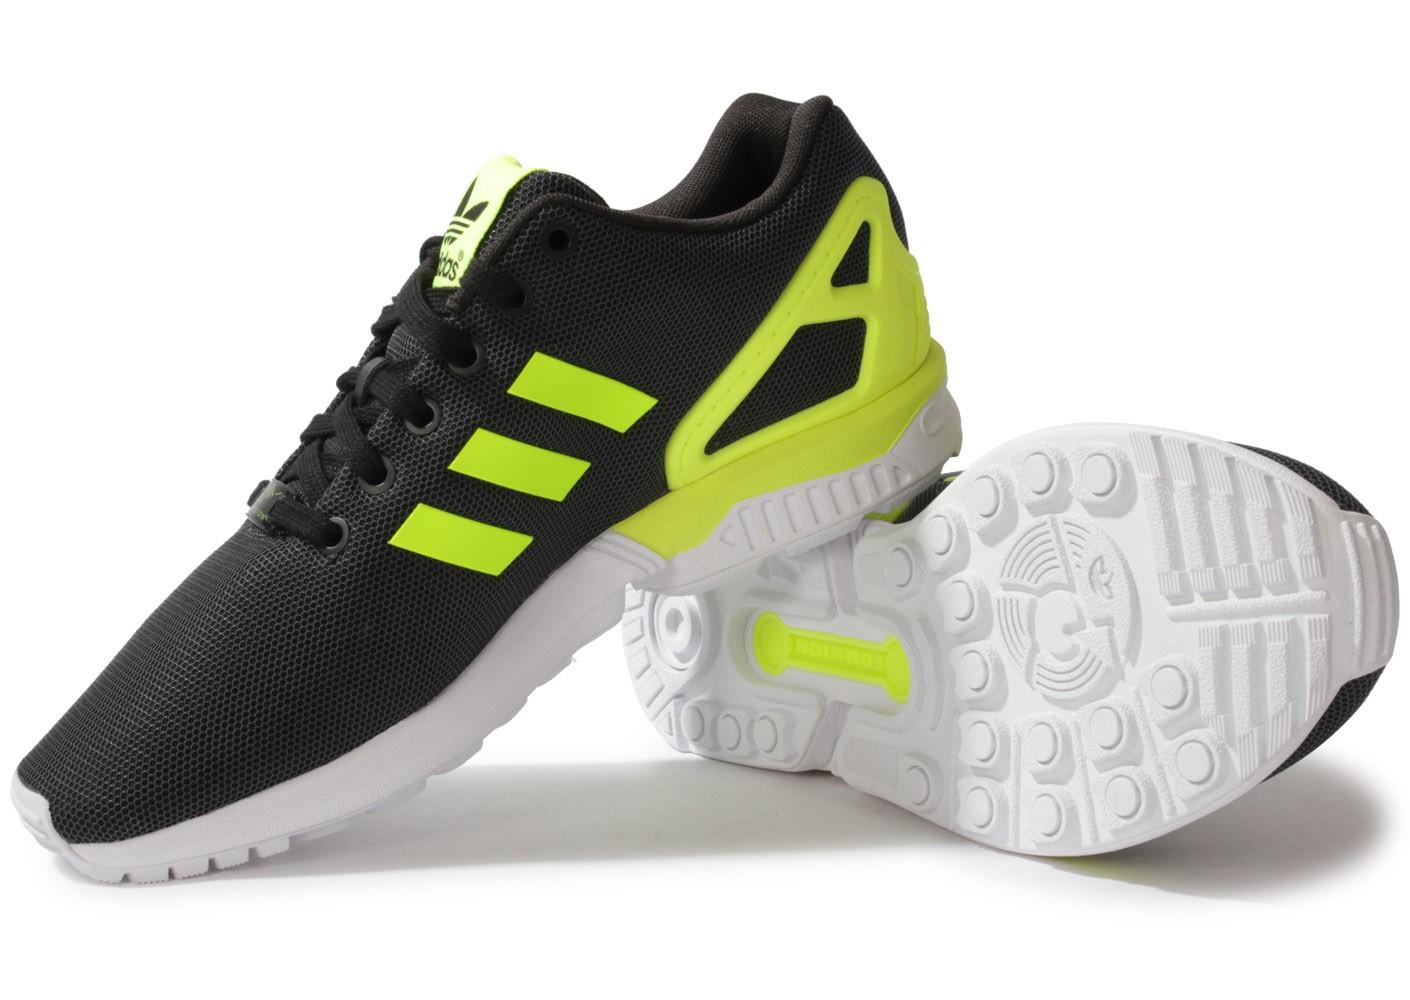 Chaussures 2016 Adidas Zx Flux Homme Zx1883 83e19a76171d